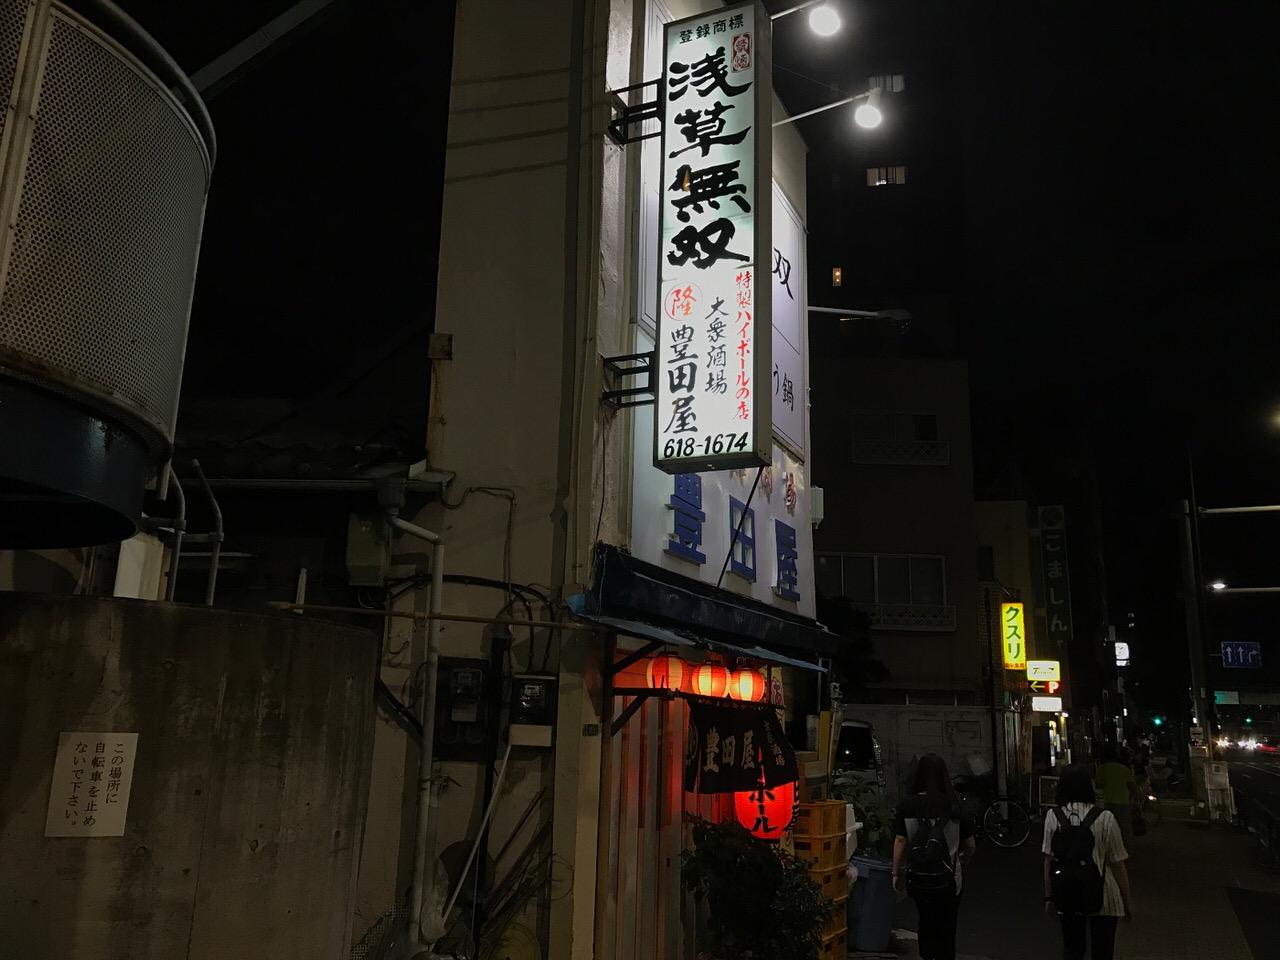 「豊田屋」白子とあん肝が山盛りのアノ鍋は2016-17年シーズンもスタート